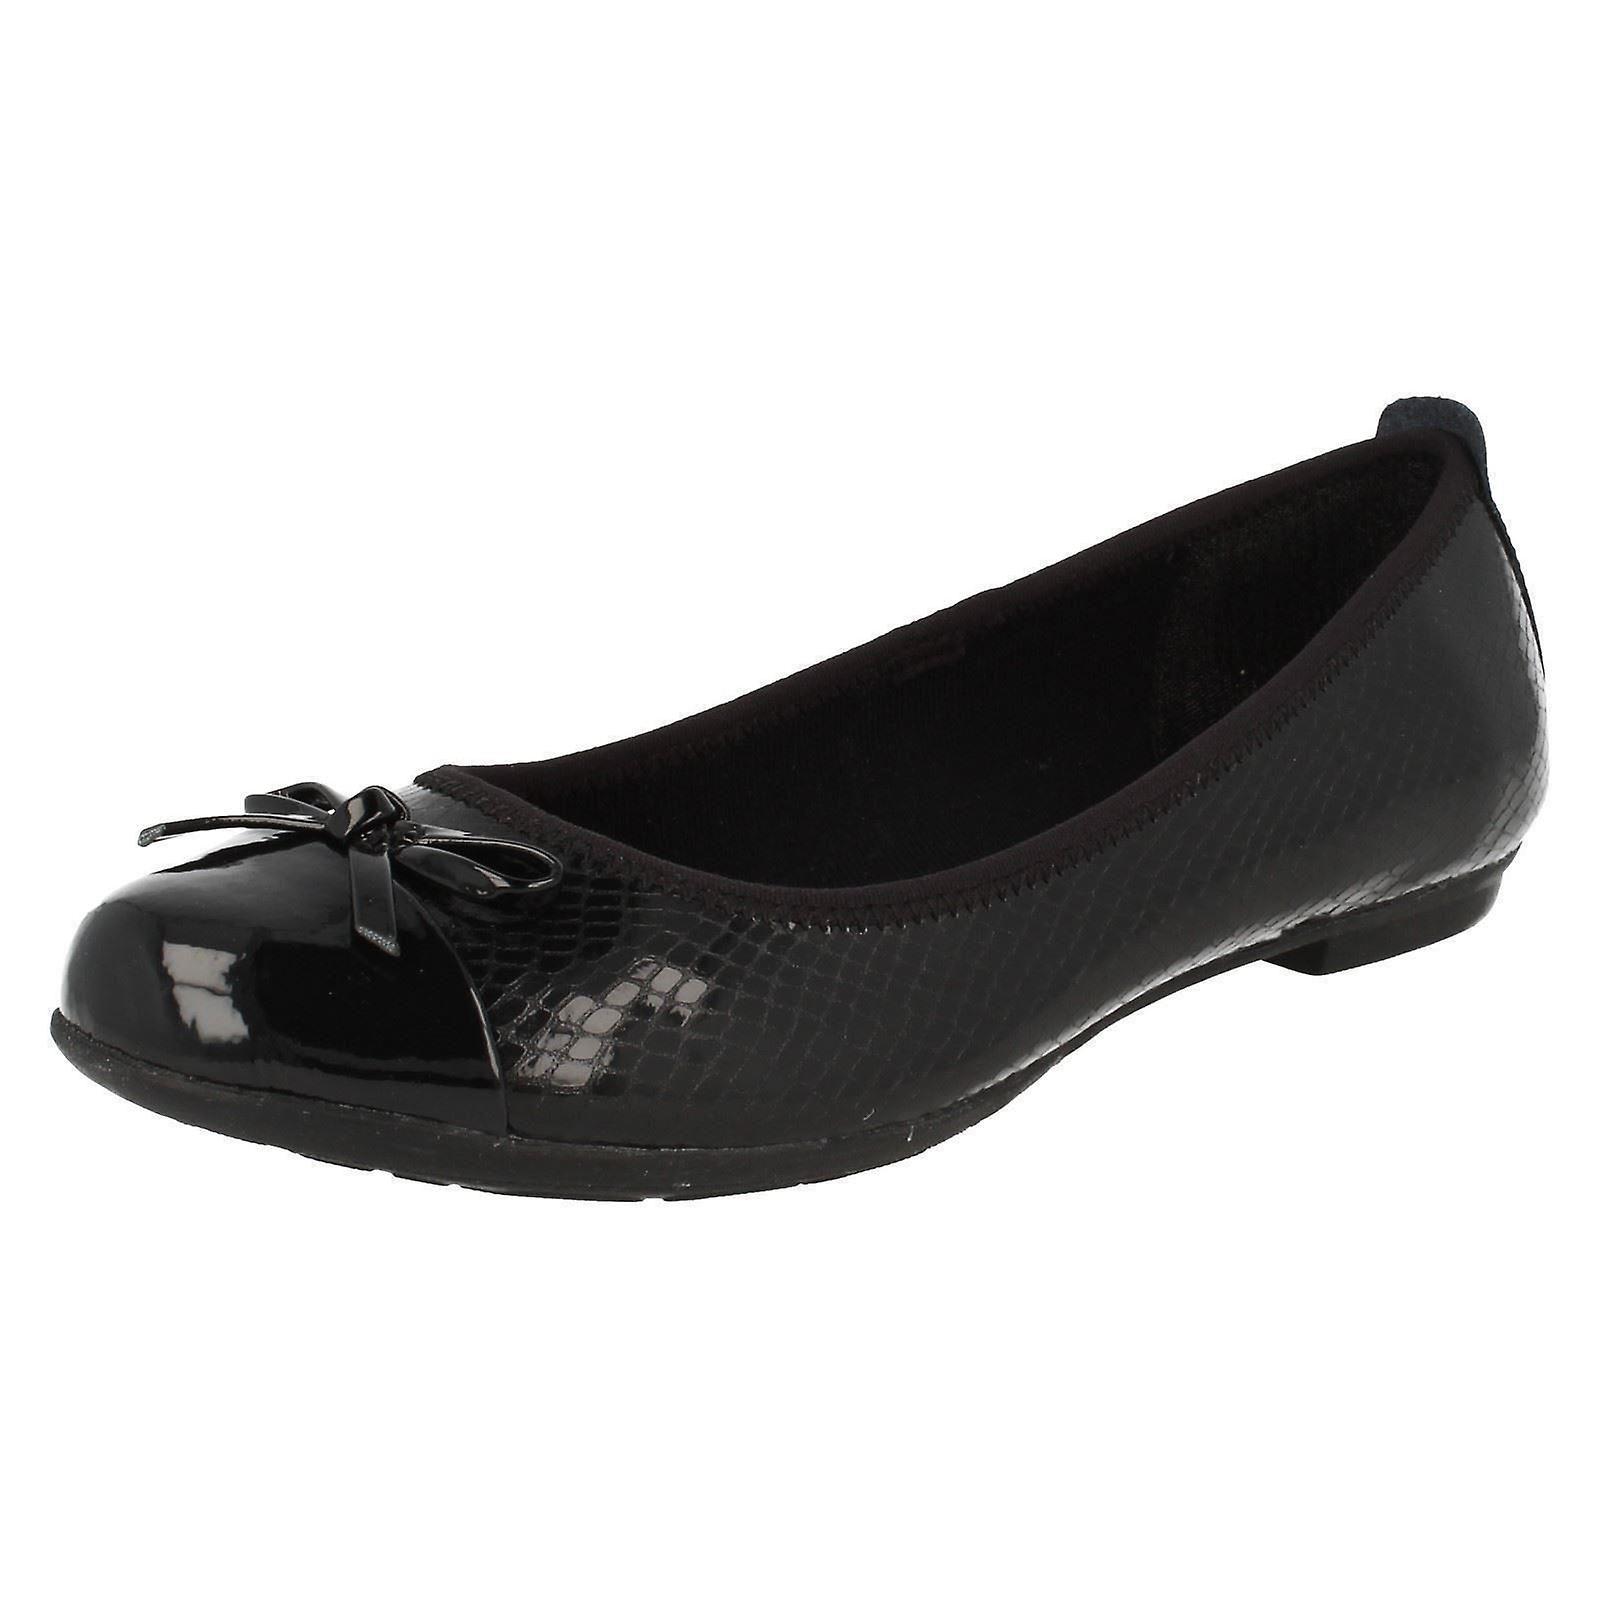 clarks senior school shoes sale d40b9 9c418